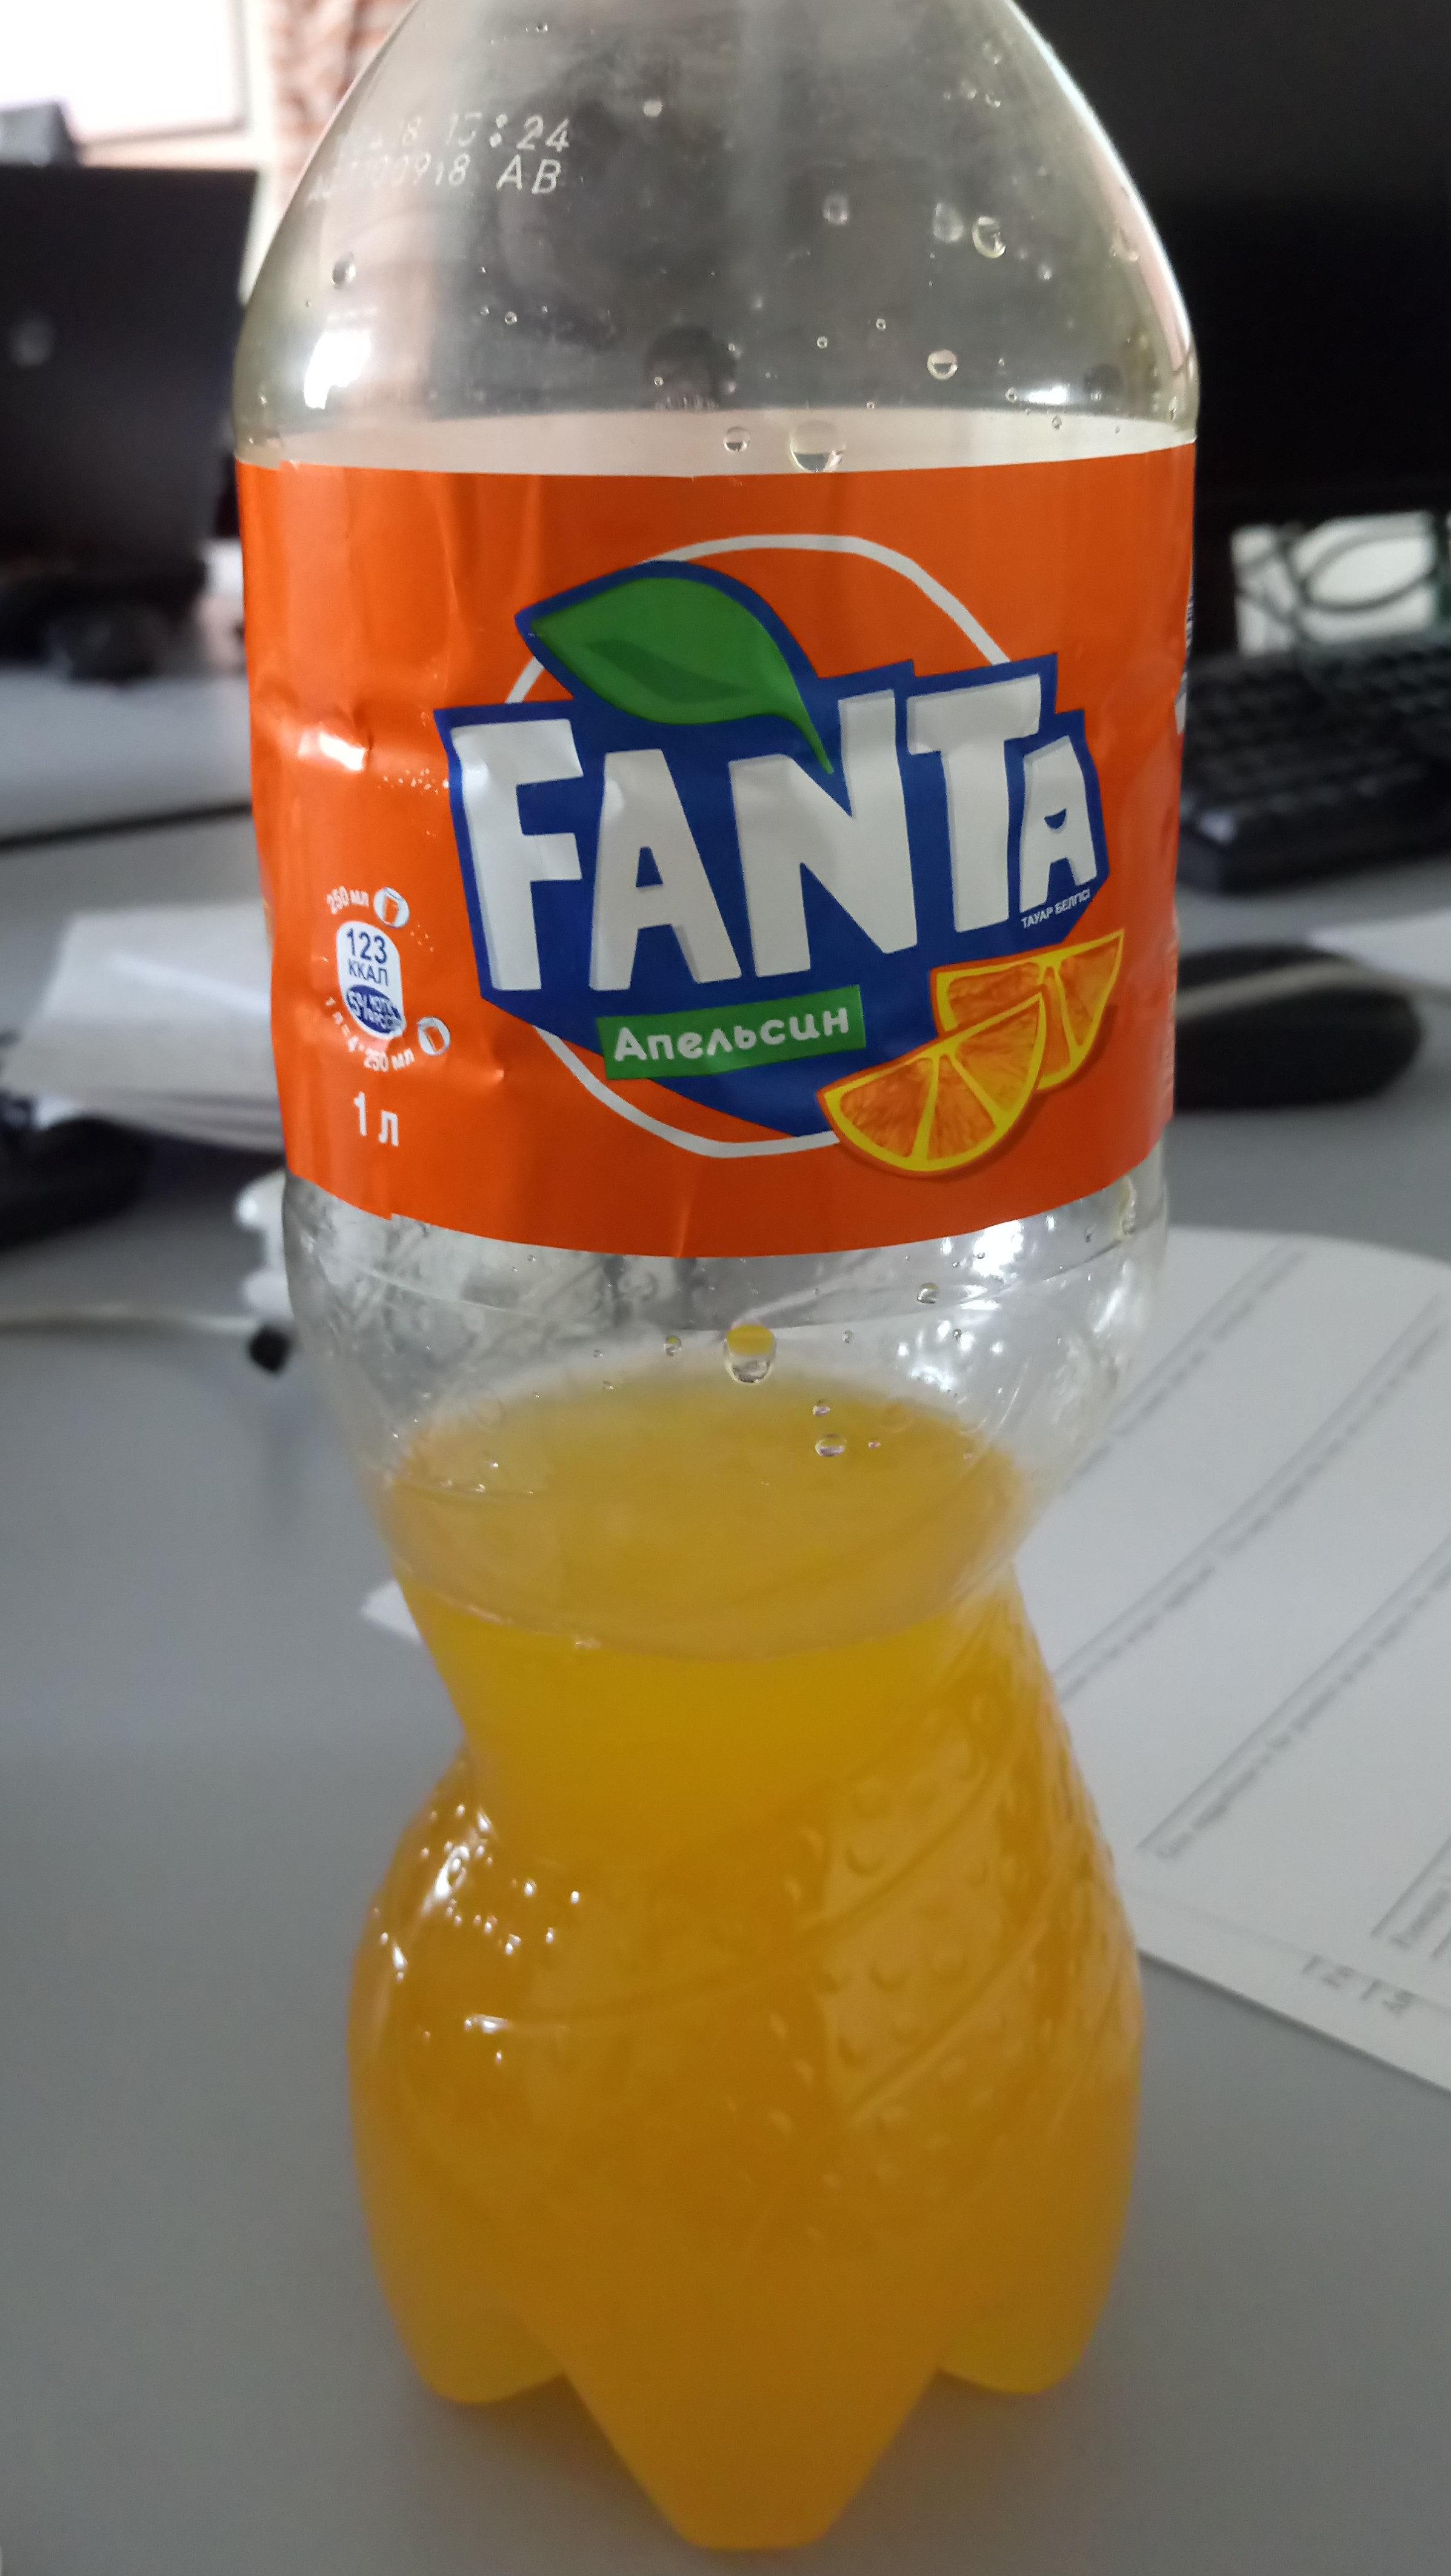 Fanta - Product - en